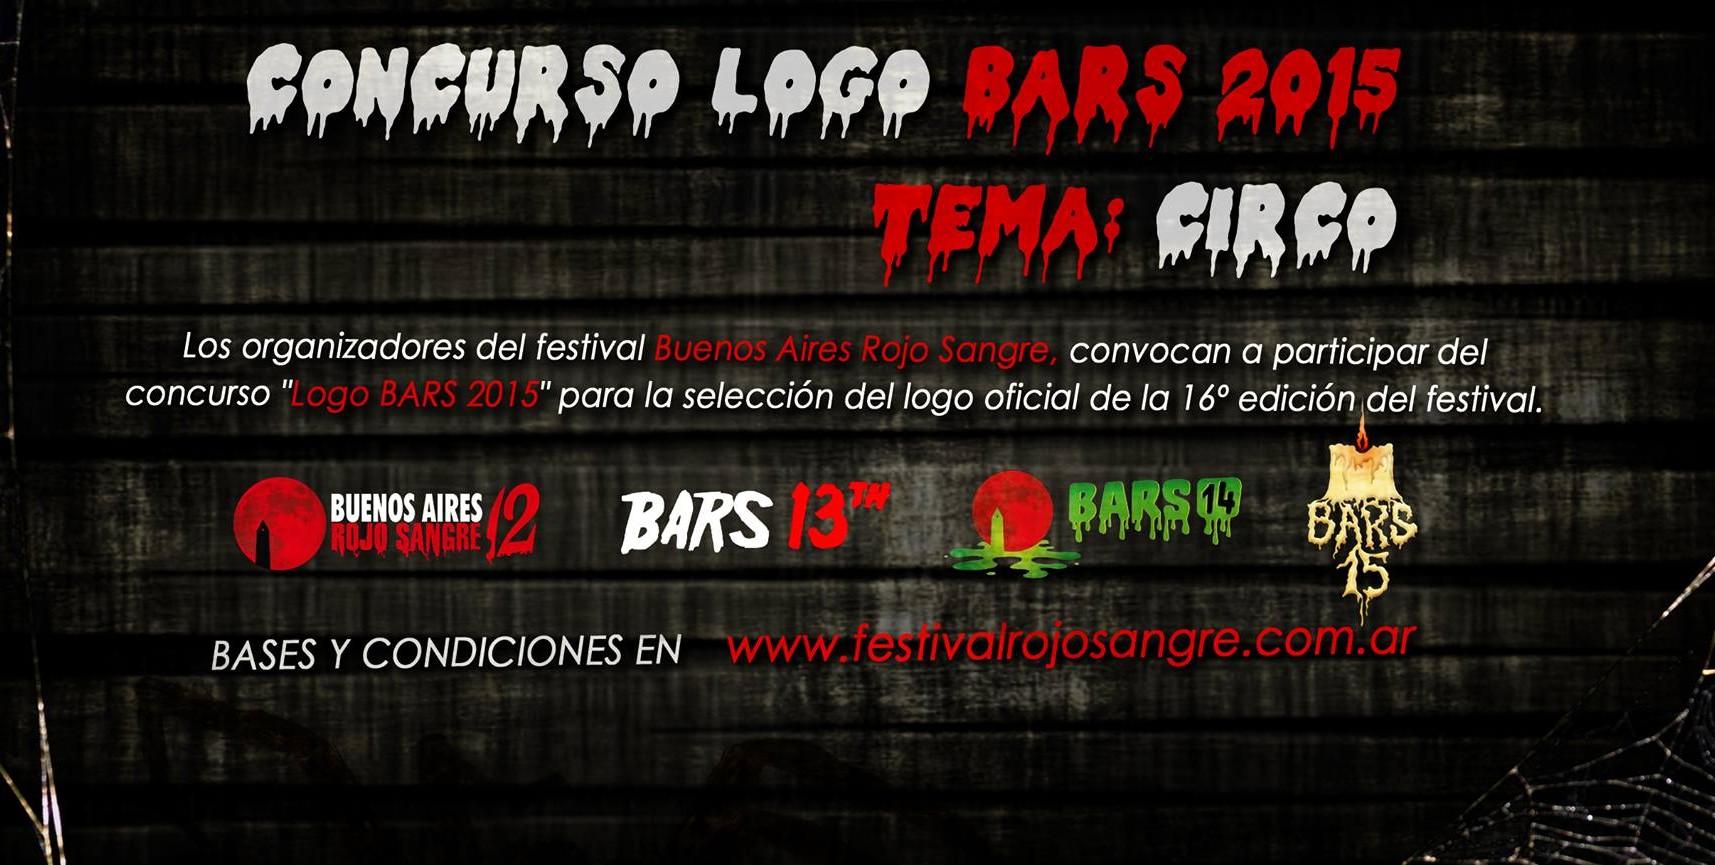 Flyer LOGO web